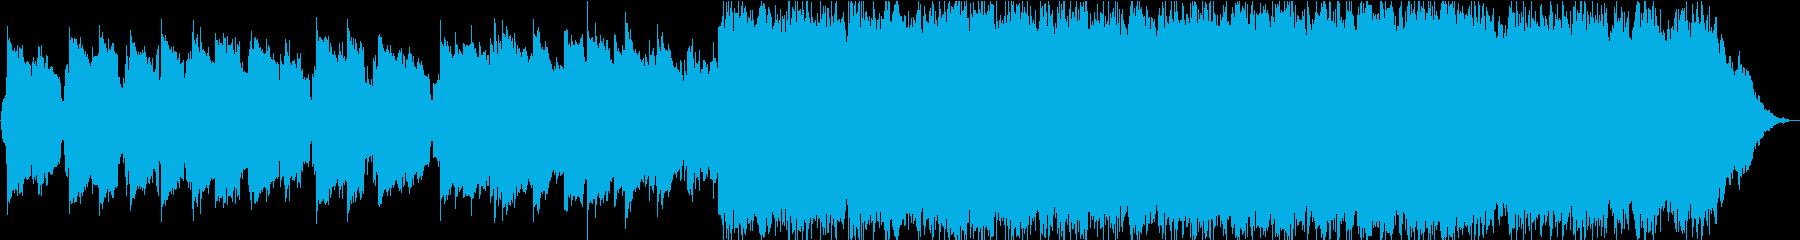 透明感のある静かな笛のヒーリング音楽の再生済みの波形